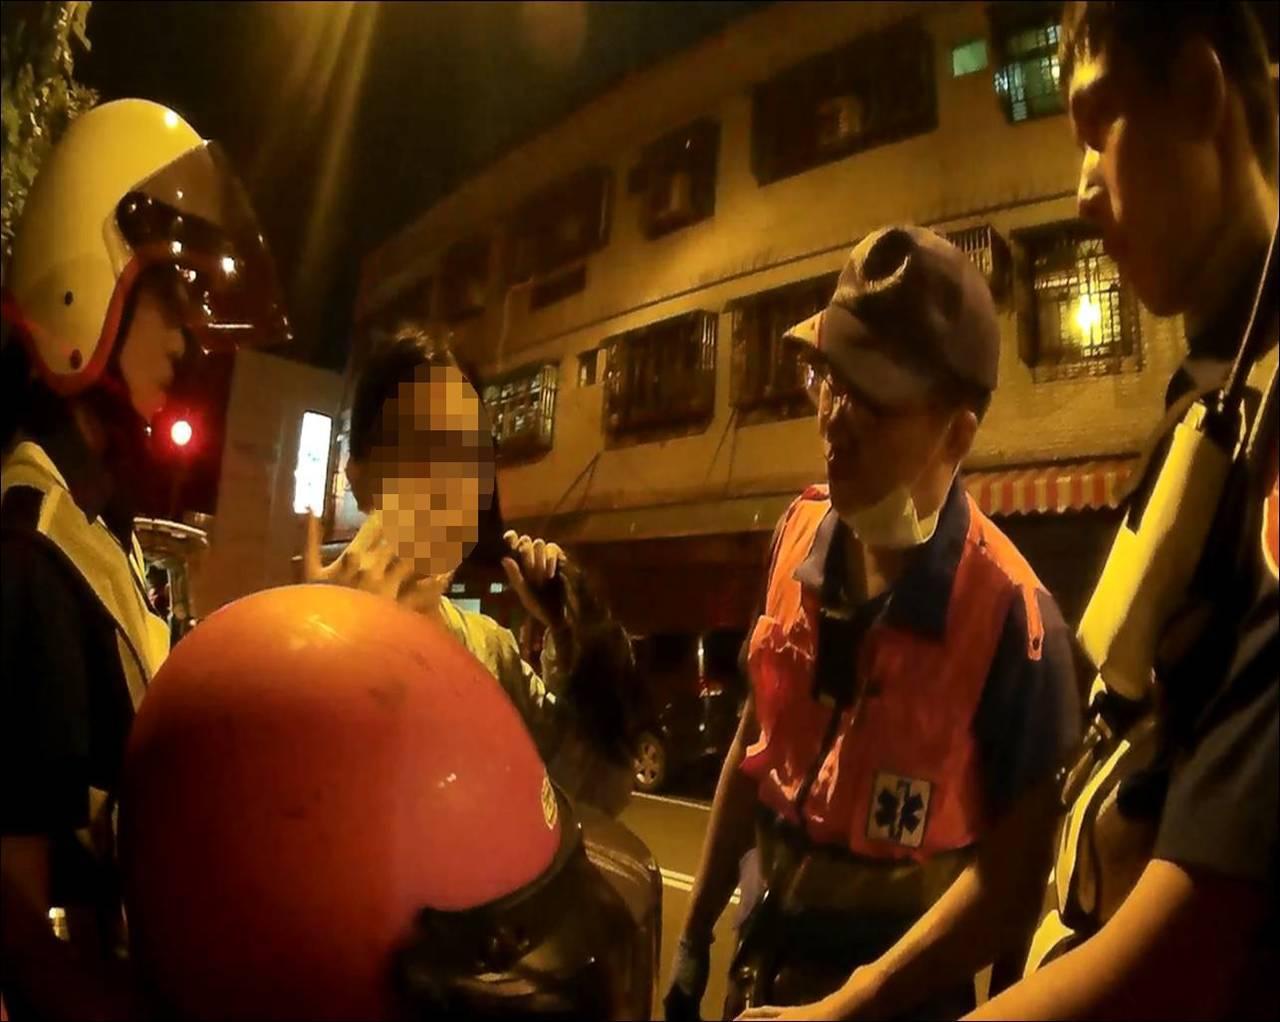 27歲的洪姓女子於16日晚間因騎車闖紅燈遭巡邏員警攔下,員警開單過程中,洪女突然...